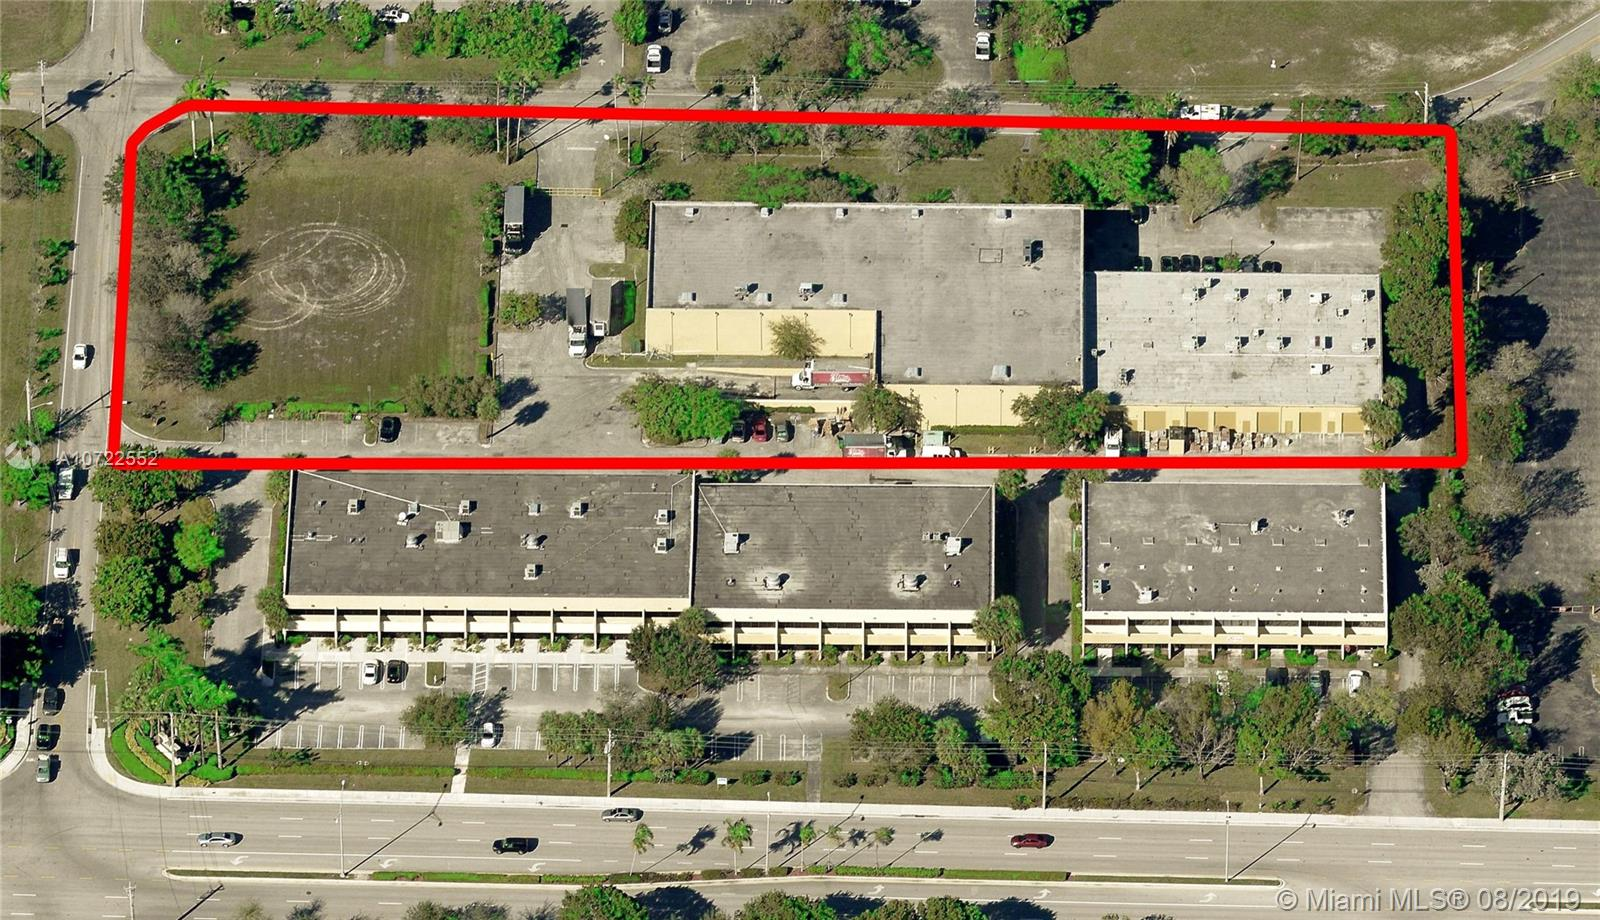 11917-11929 W Sample Rd, Coral Springs, FL 33065